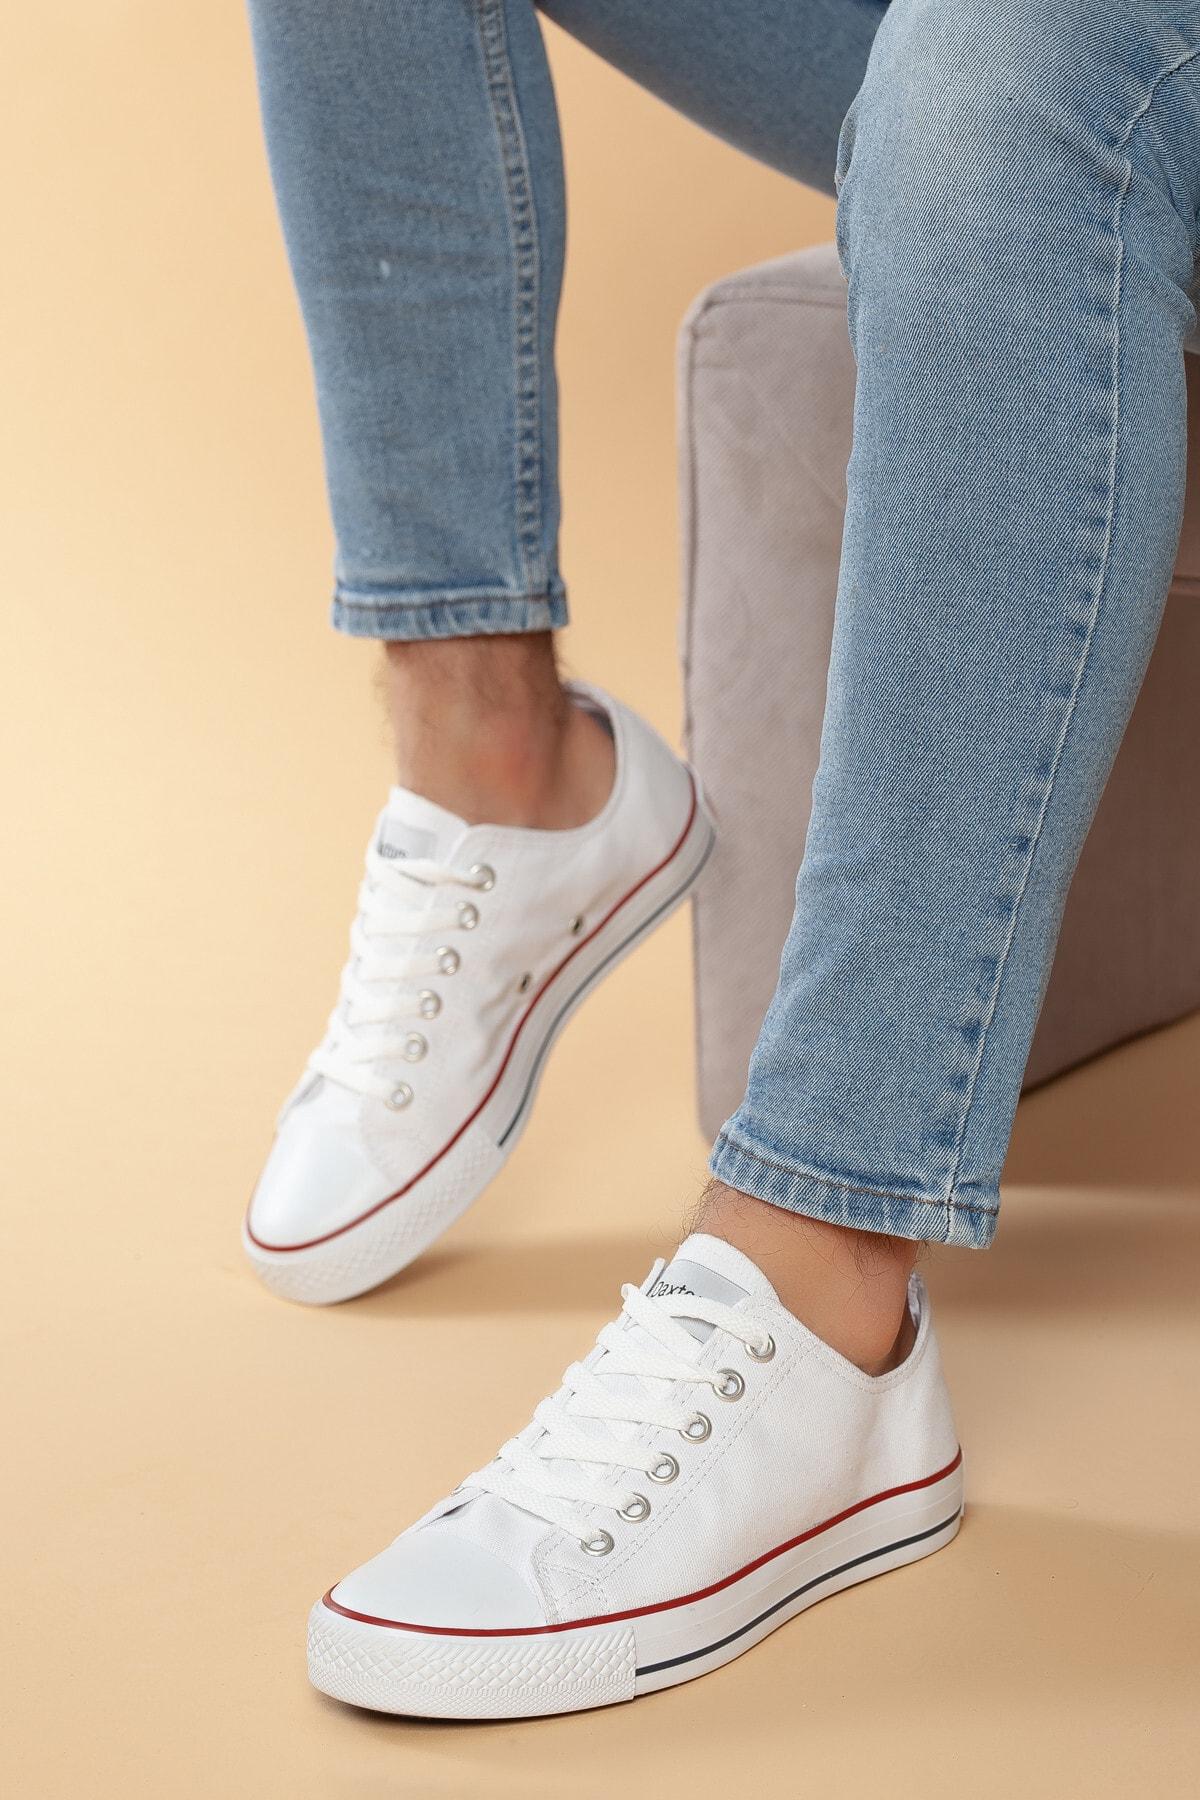 Daxtors Beyaz Günlük Ortopedik Erkek Keten Spor Ayakkabı  DXTRMCONT005 1